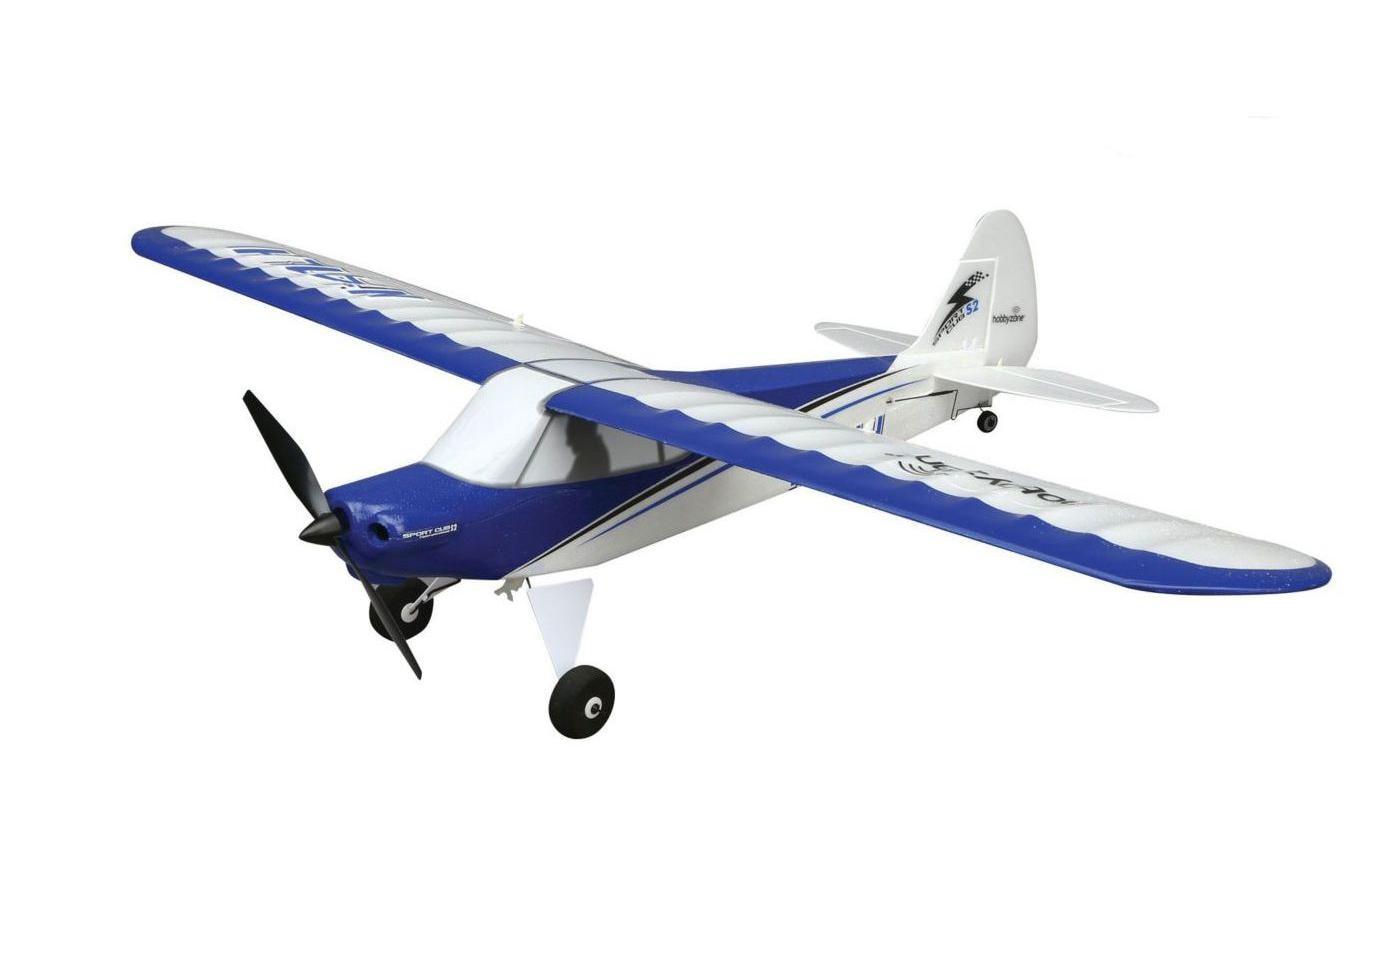 HobbyZone Радиоуправляемый Самолет - Sport CUB S с FPV системой